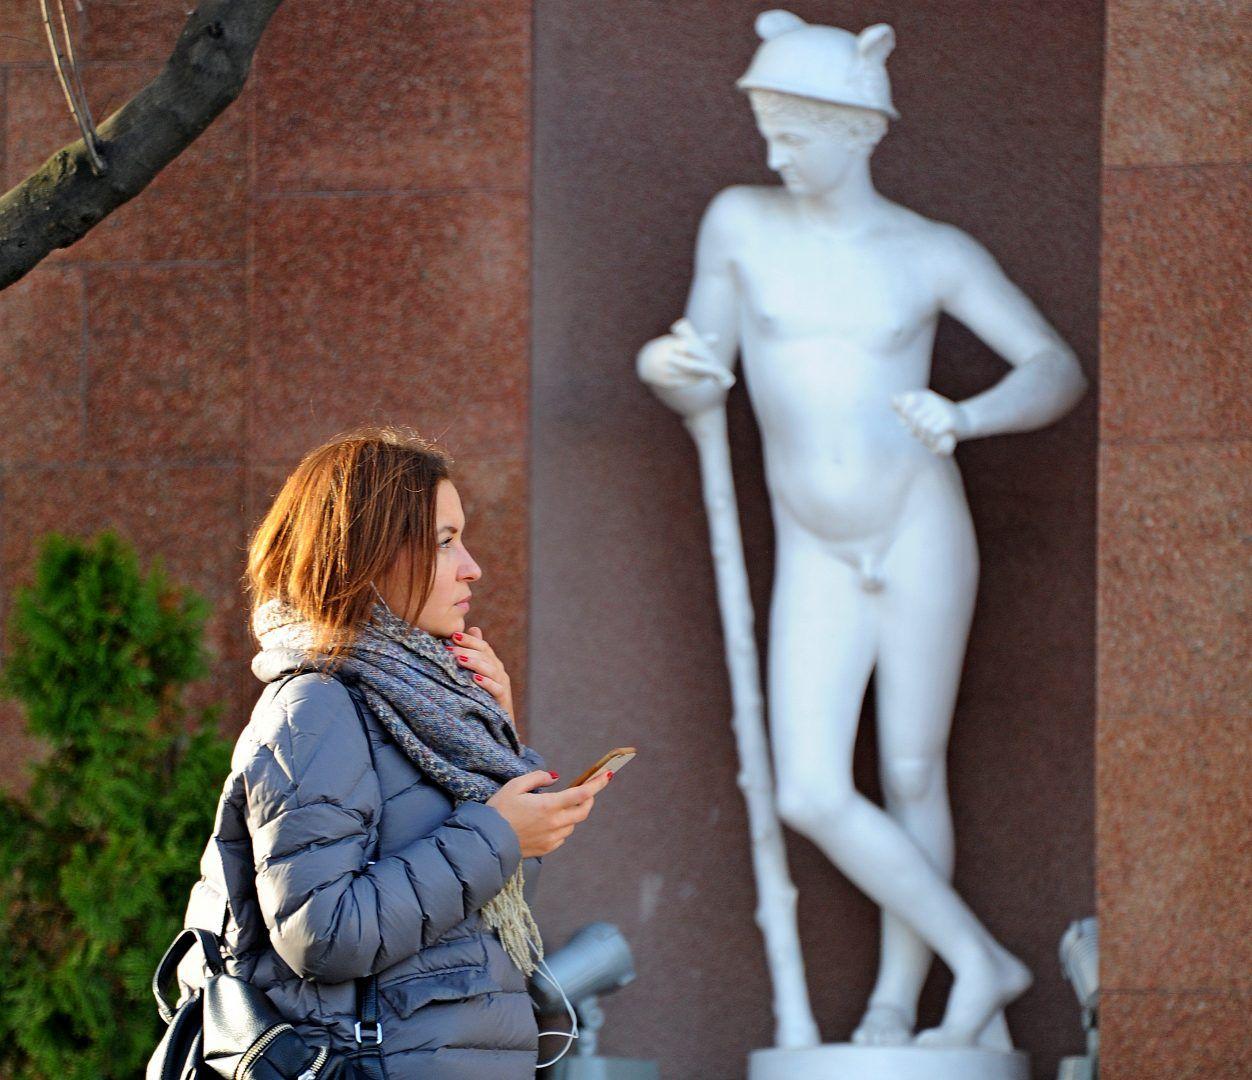 Москвичей пригласили на культурный форум столицы.Фото: архив «Вечерняя Москва»